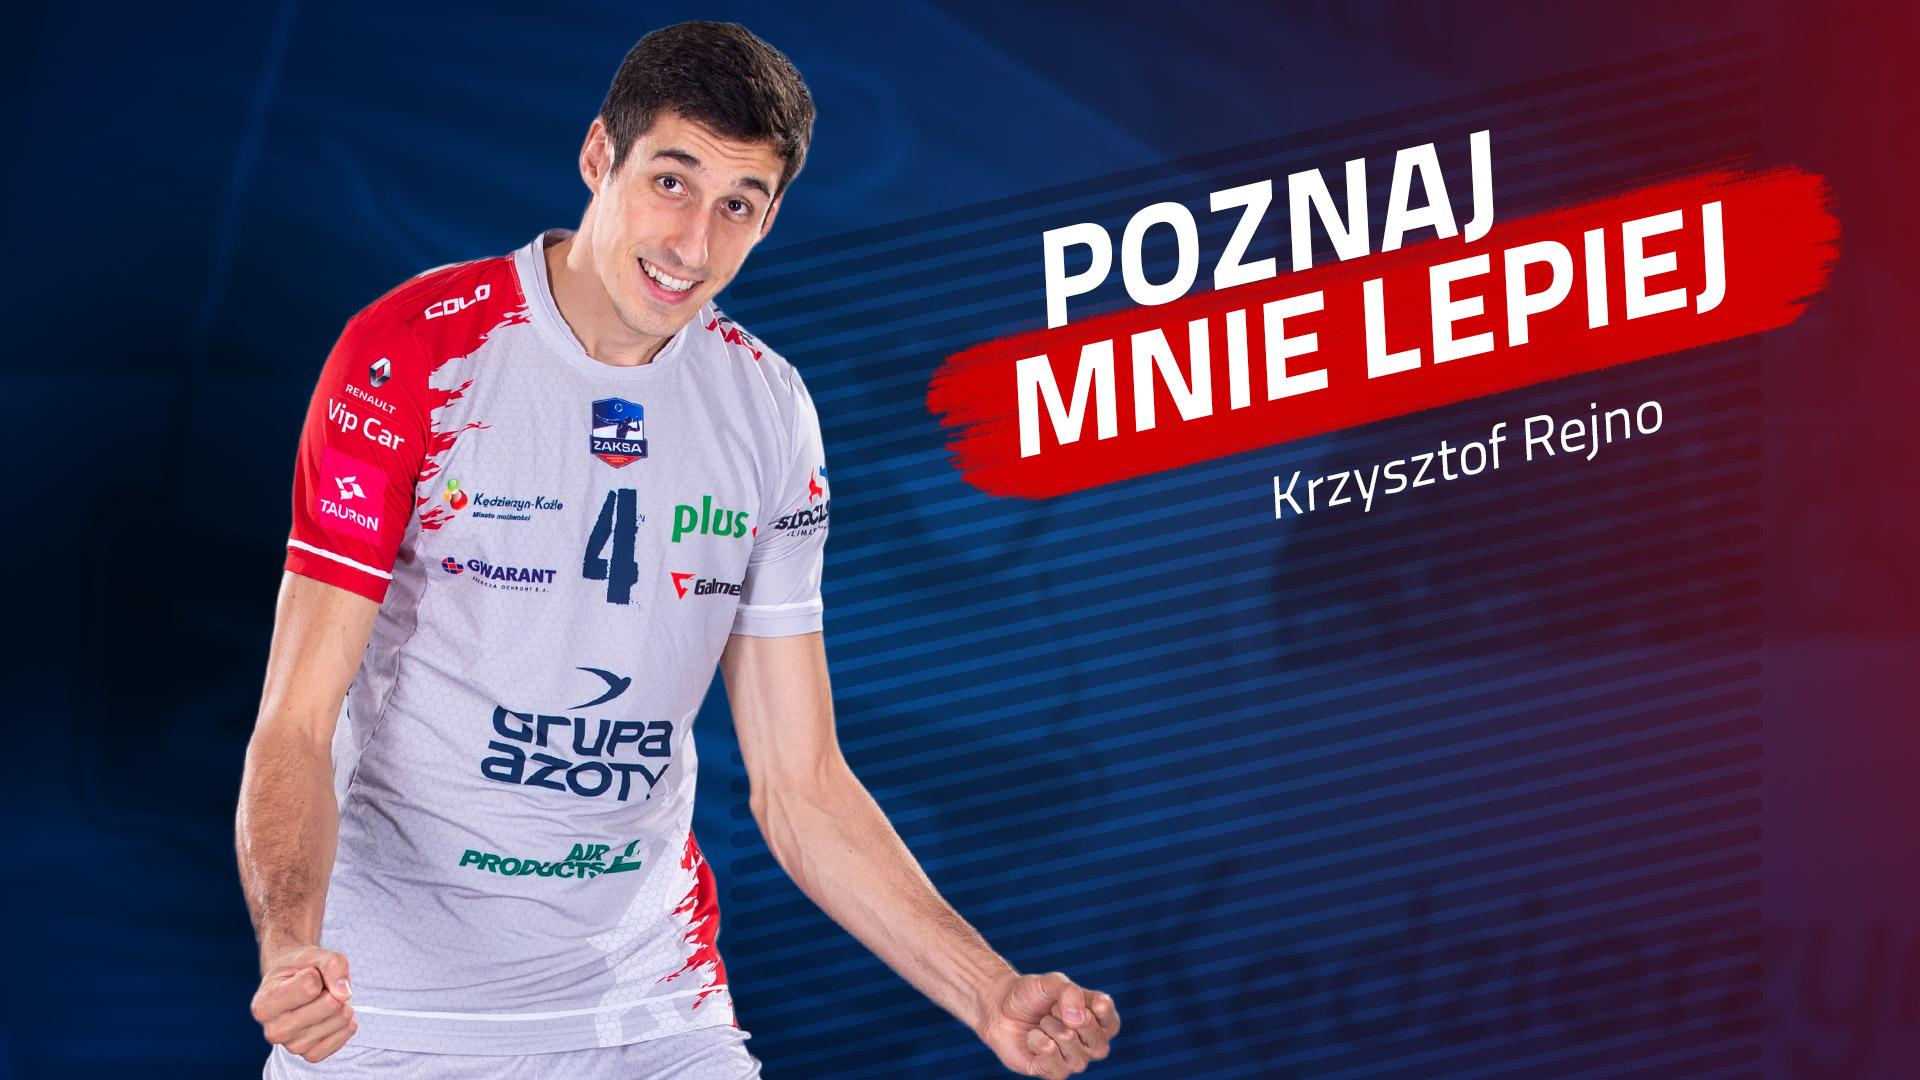 Poznaj mnie lepiej: Krzysztof Rejno